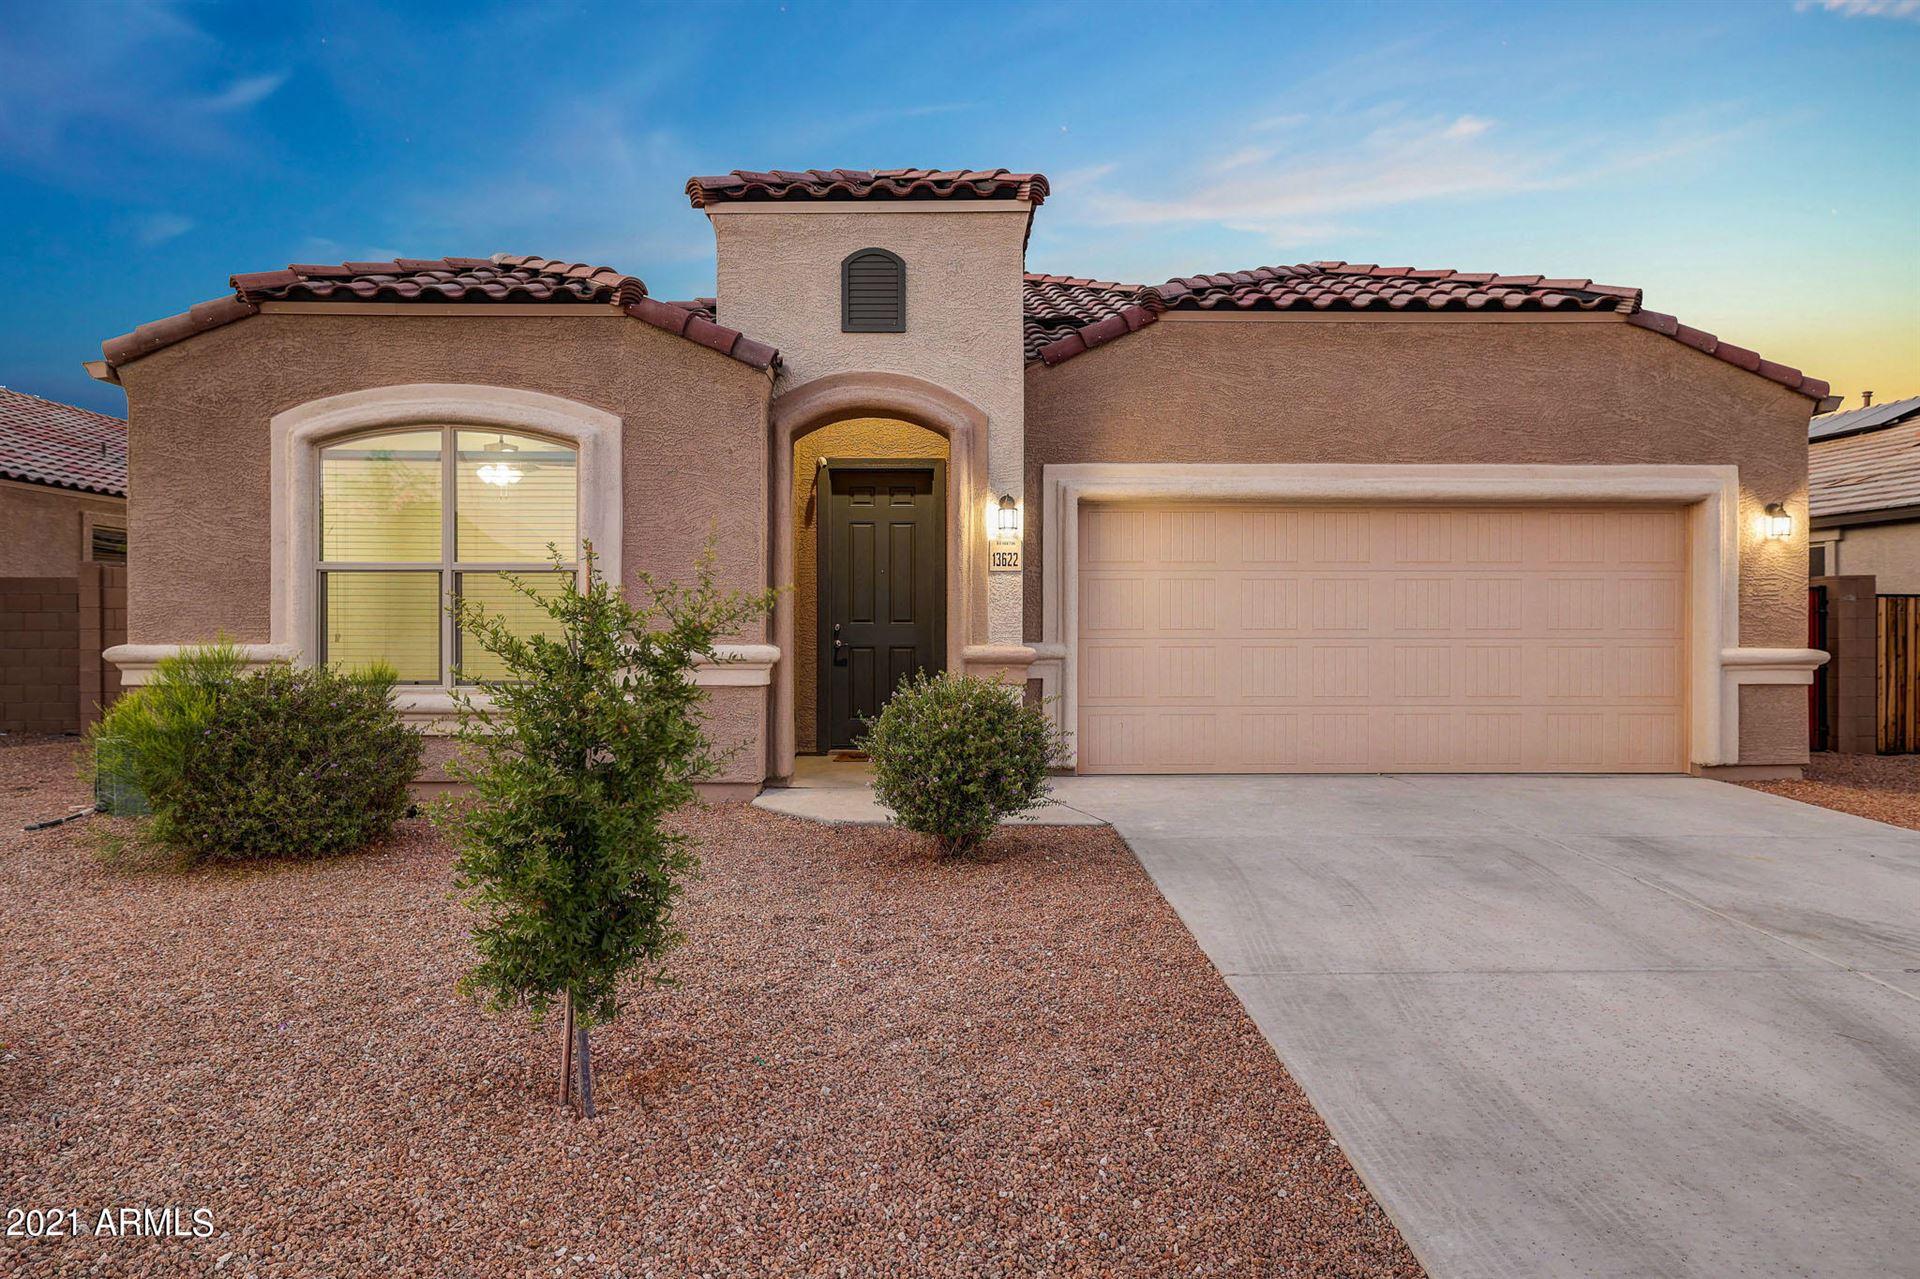 Photo of 13622 W PASO Trail, Peoria, AZ 85383 (MLS # 6246744)